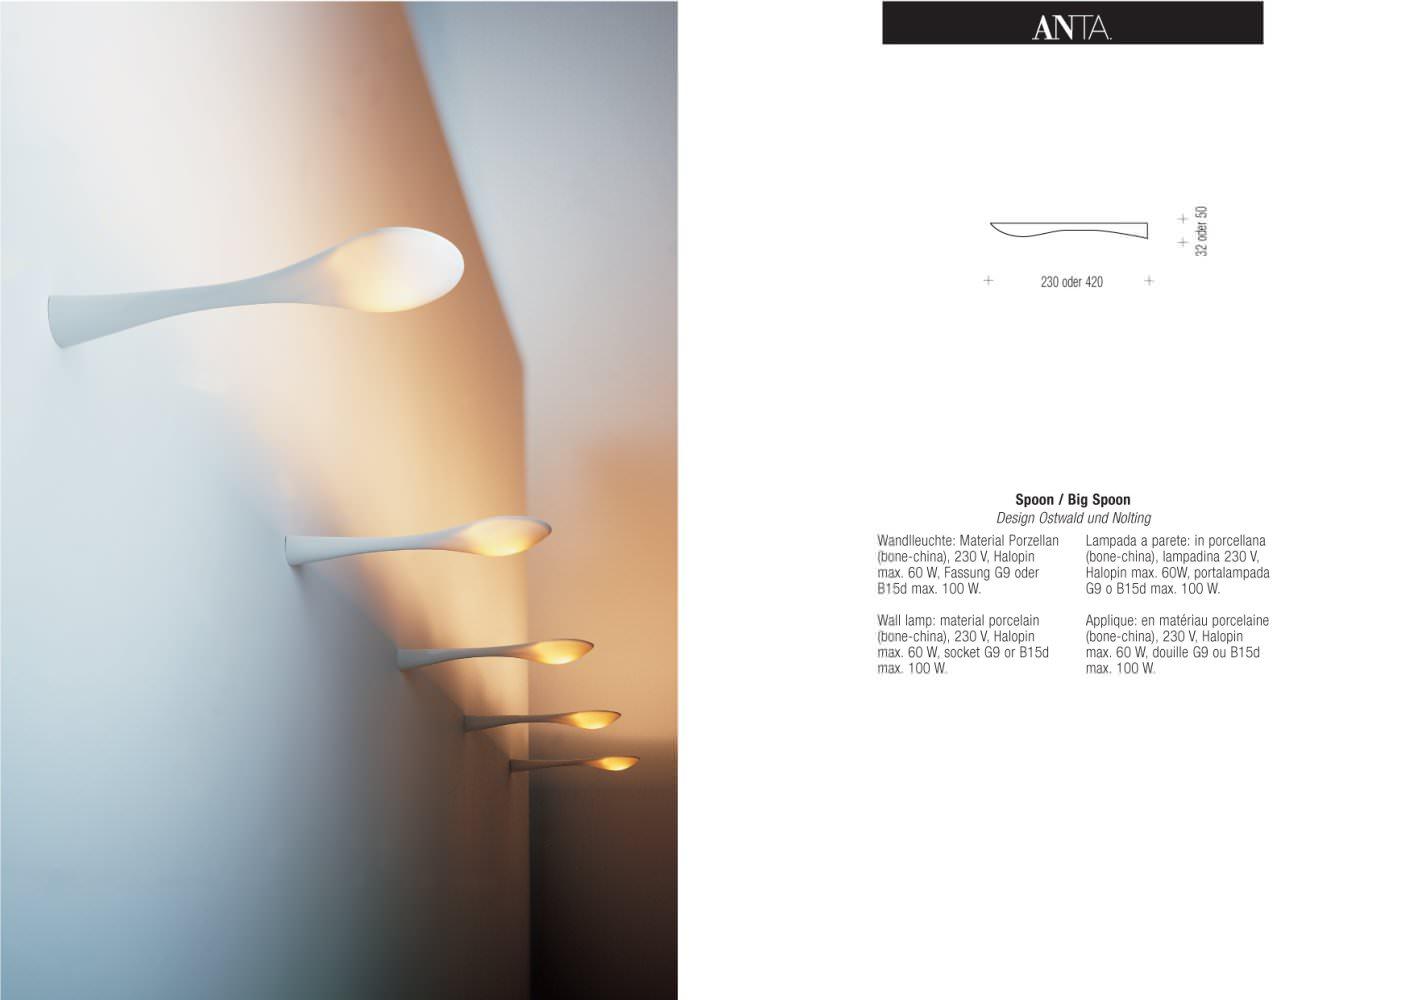 Moderne Lampen 60 : Lampen leuchten online kaufen i versandkostenfrei mialight